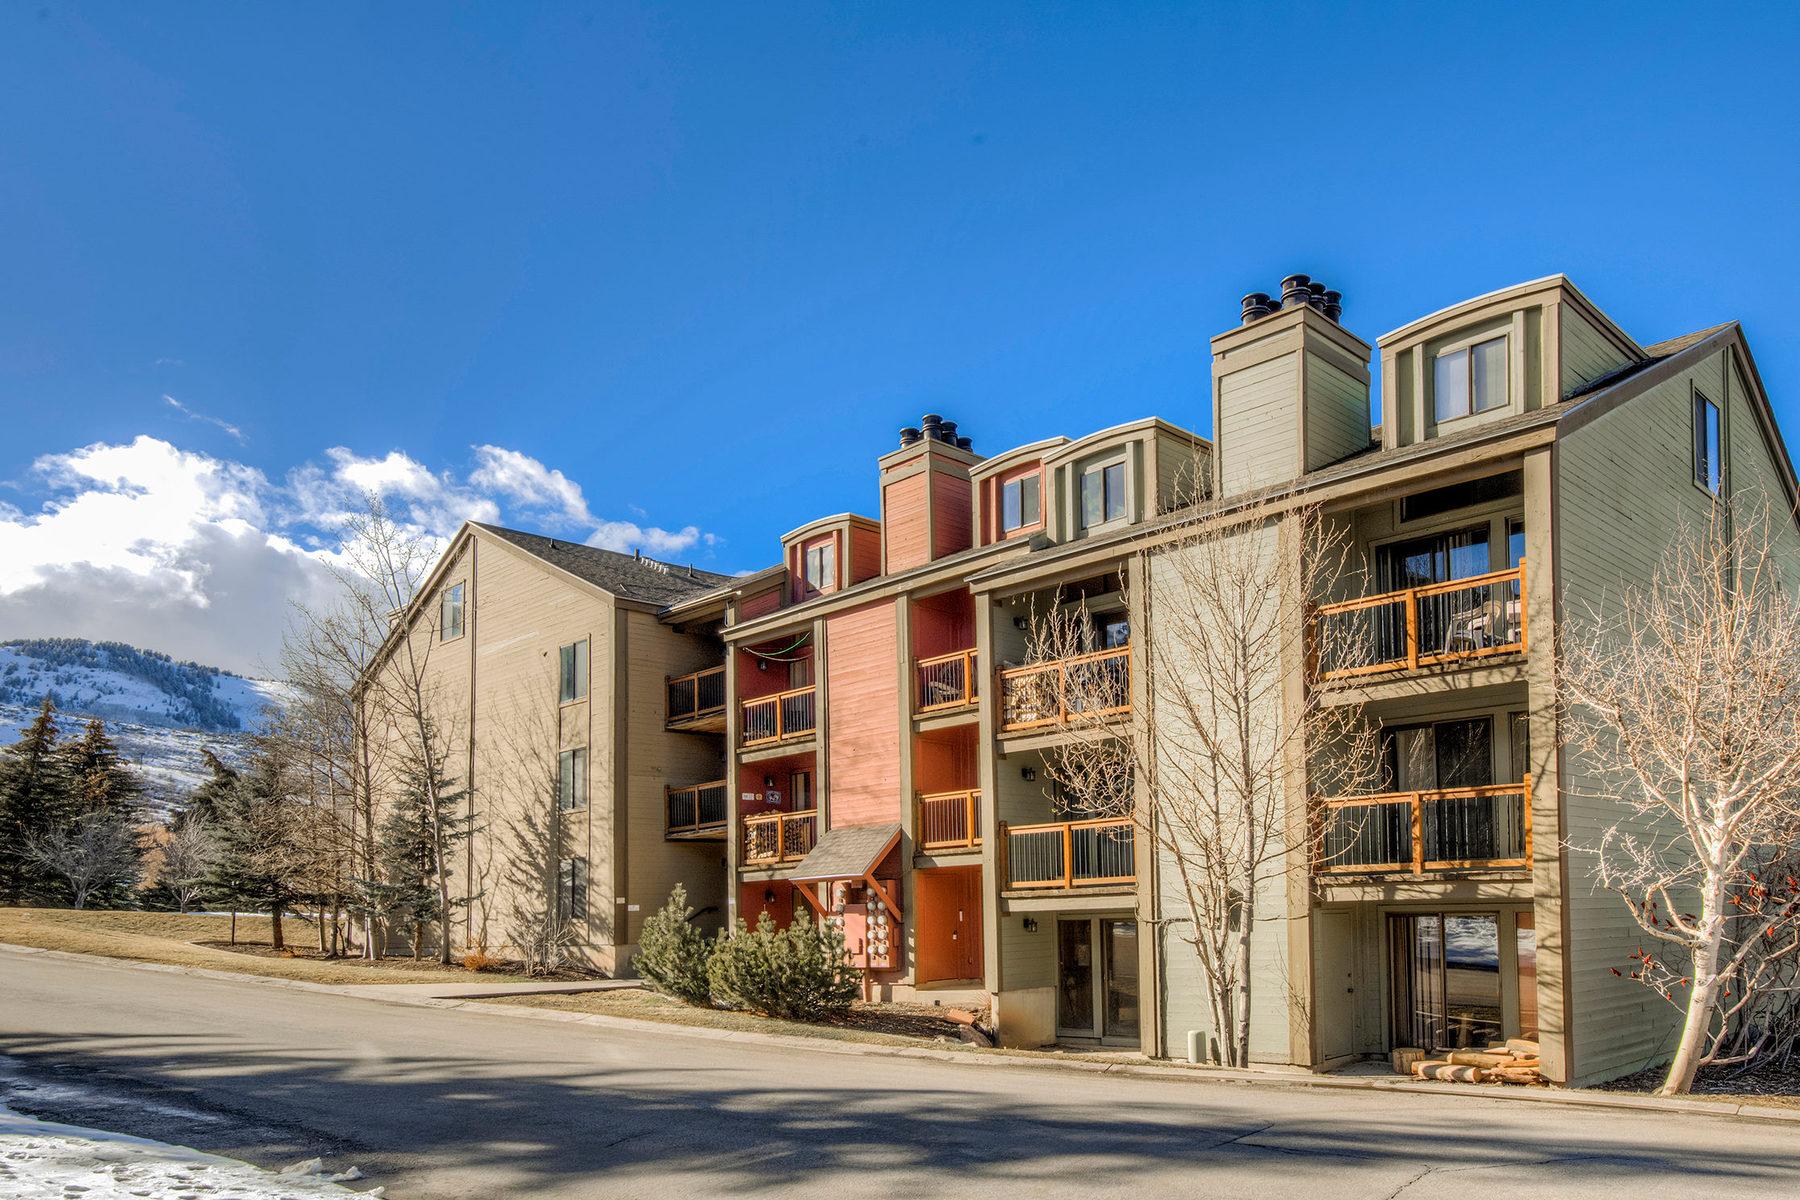 Condominium for Sale at Updated Charming Condo 1530 Empire Ave Unit 115 Park City, Utah 84060 United States